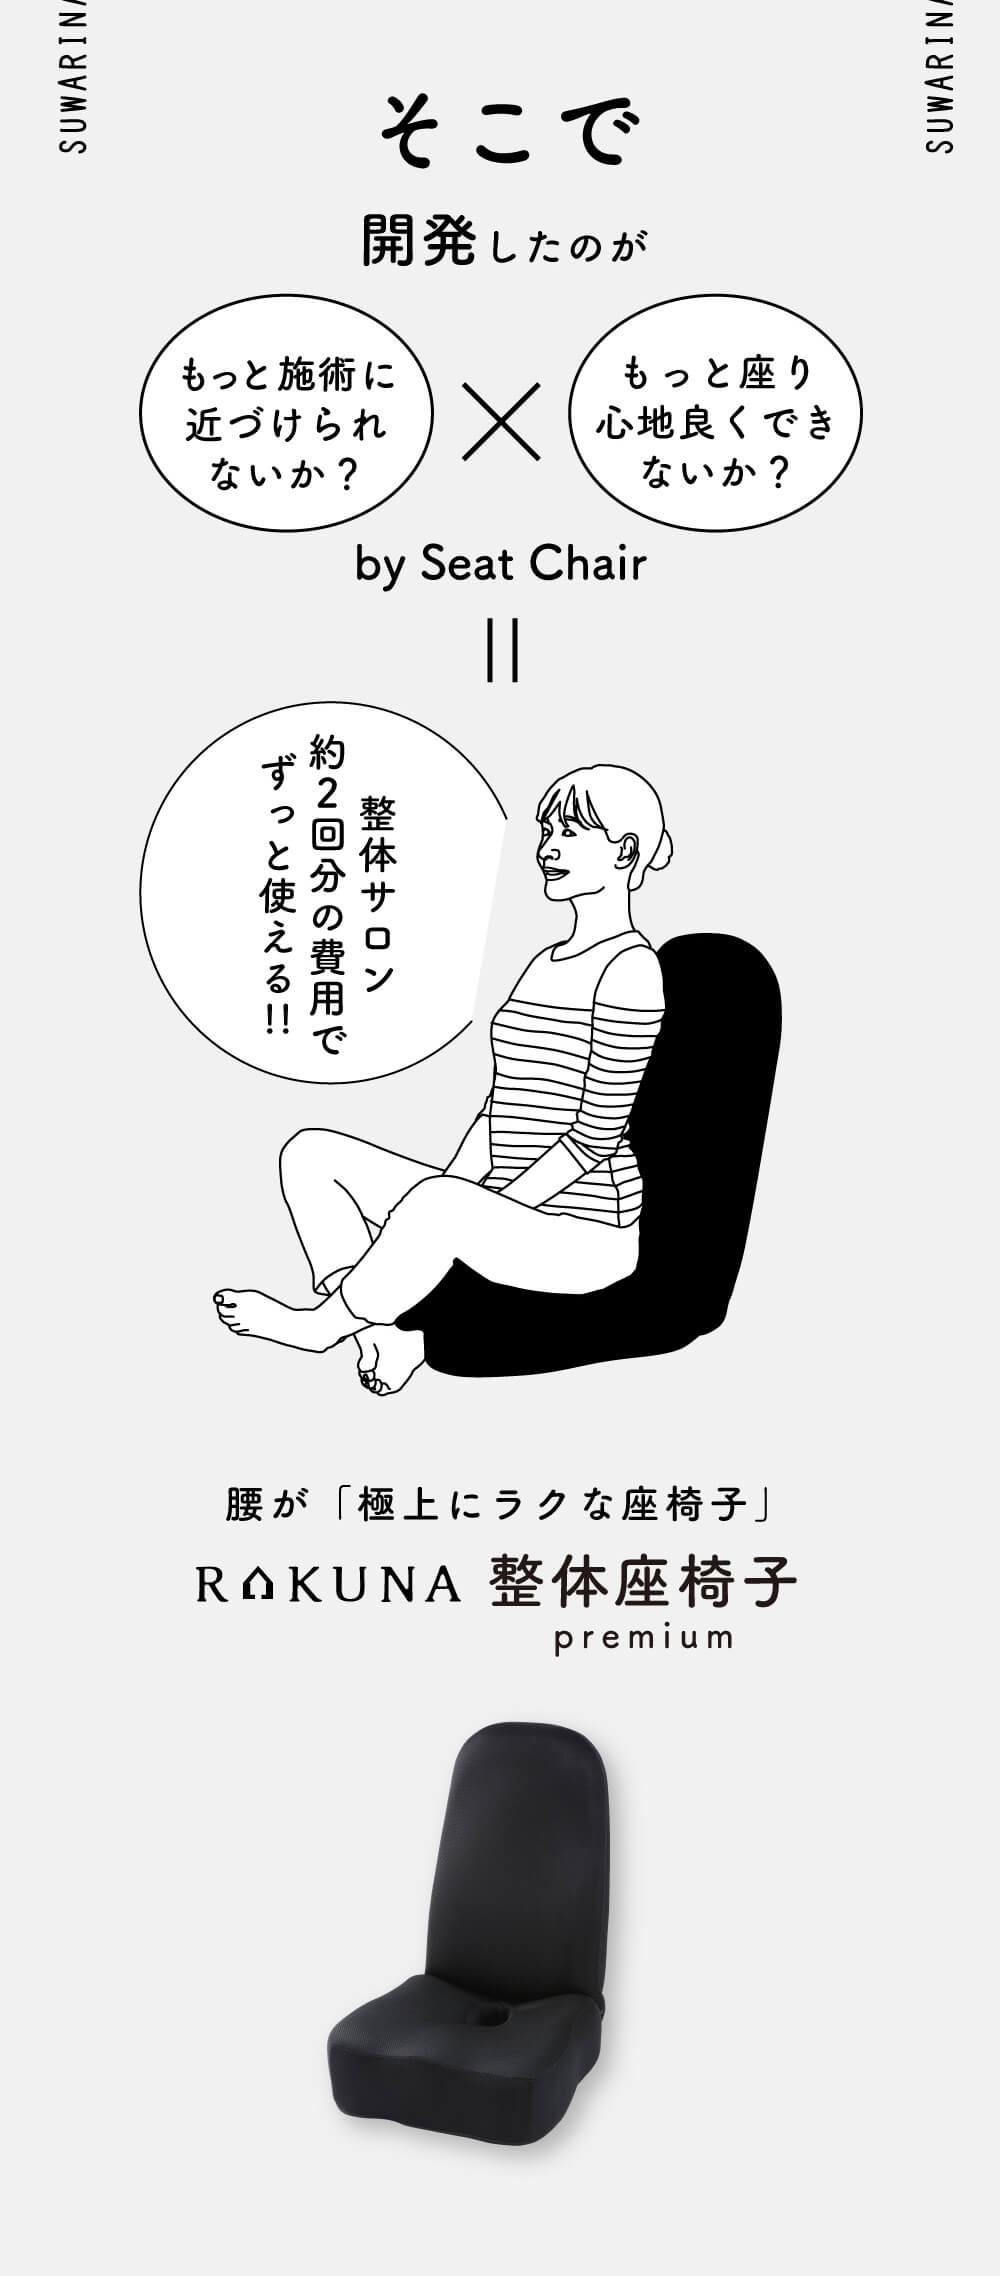 そこで開発したのがこの、腰が「極上にラクな座椅子」RAKUNA整体座椅子premium より施術に近づけ、座り心地を良くするよう開発!整体サロン約2回分の費用でずっと使えます